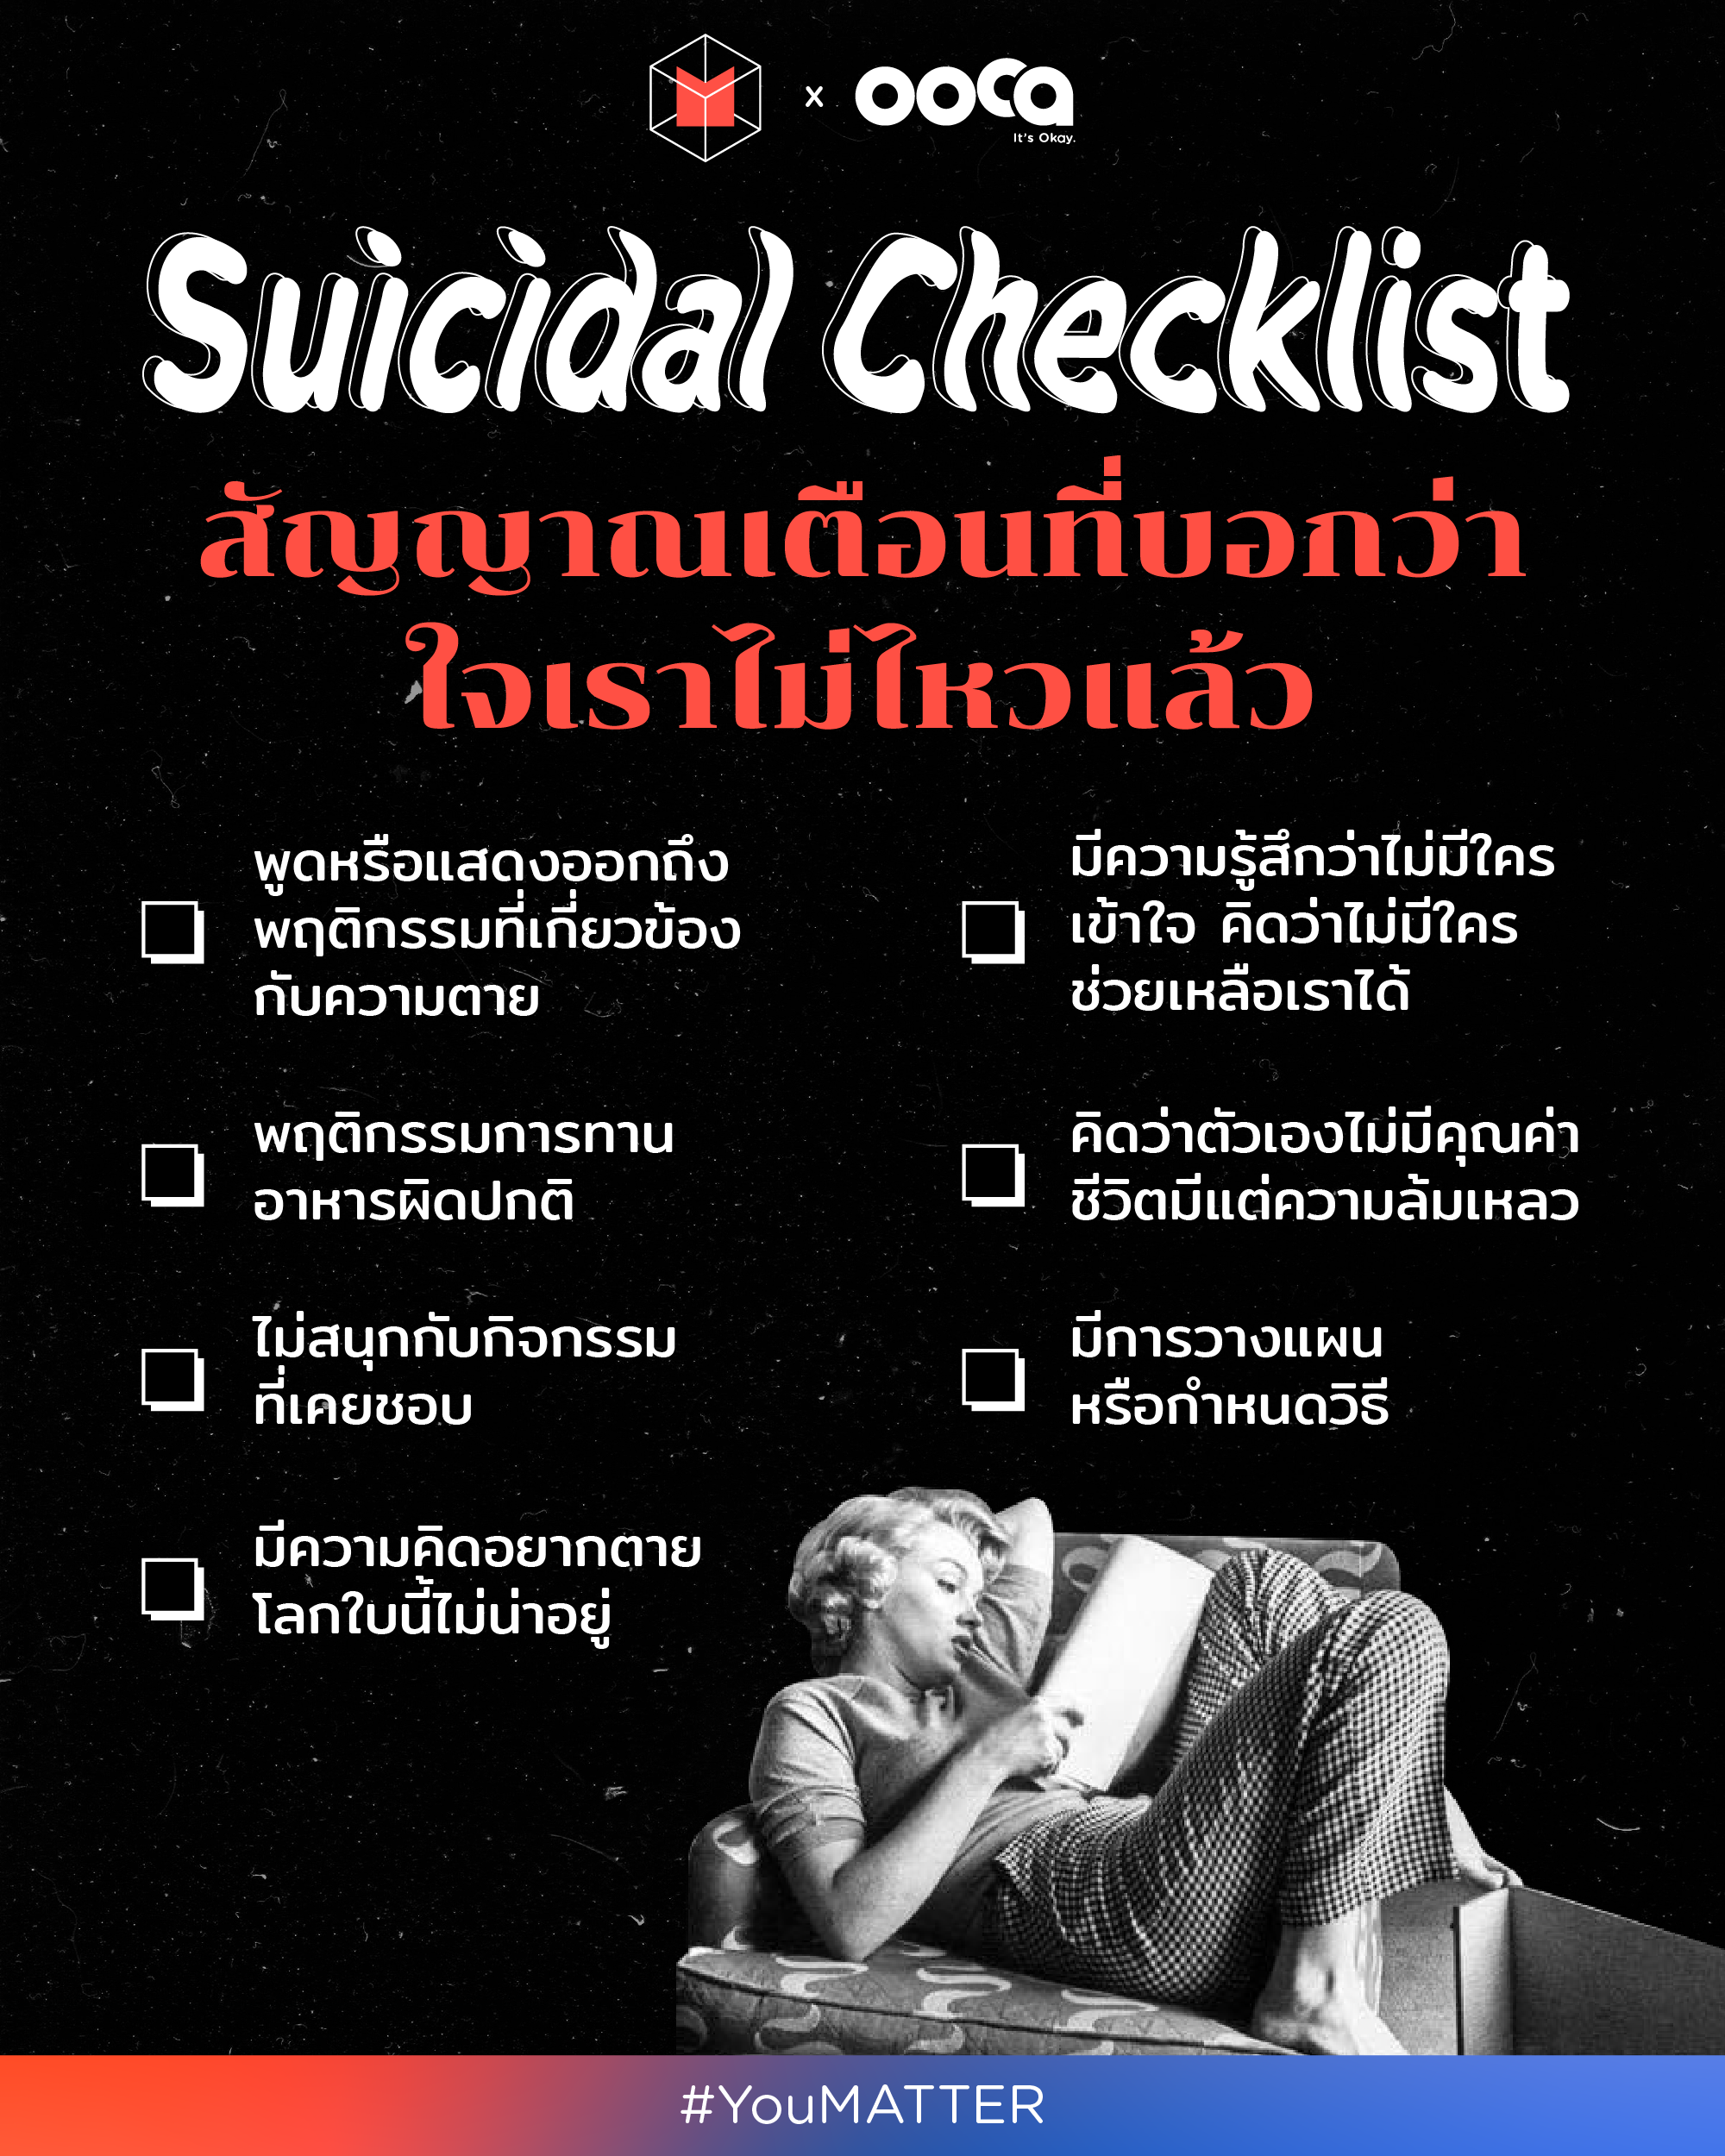 Suicidal Checklist